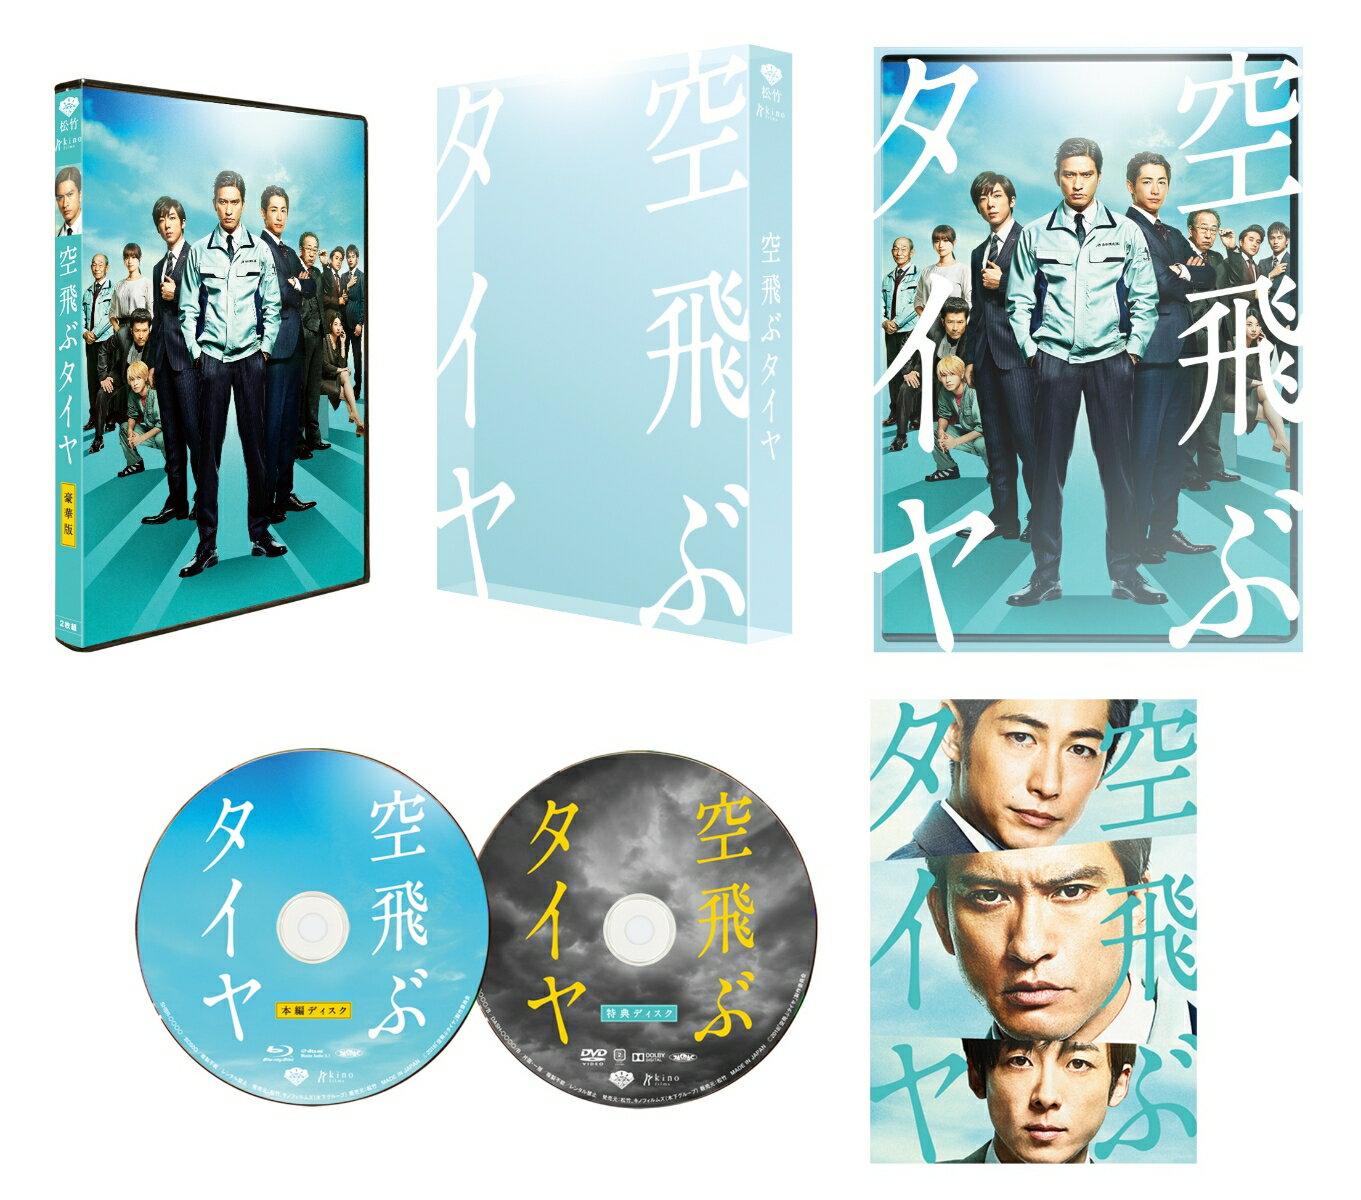 空飛ぶタイヤ 豪華版(初回限定生産)【Blu-ray】 [ 長瀬智也 ]